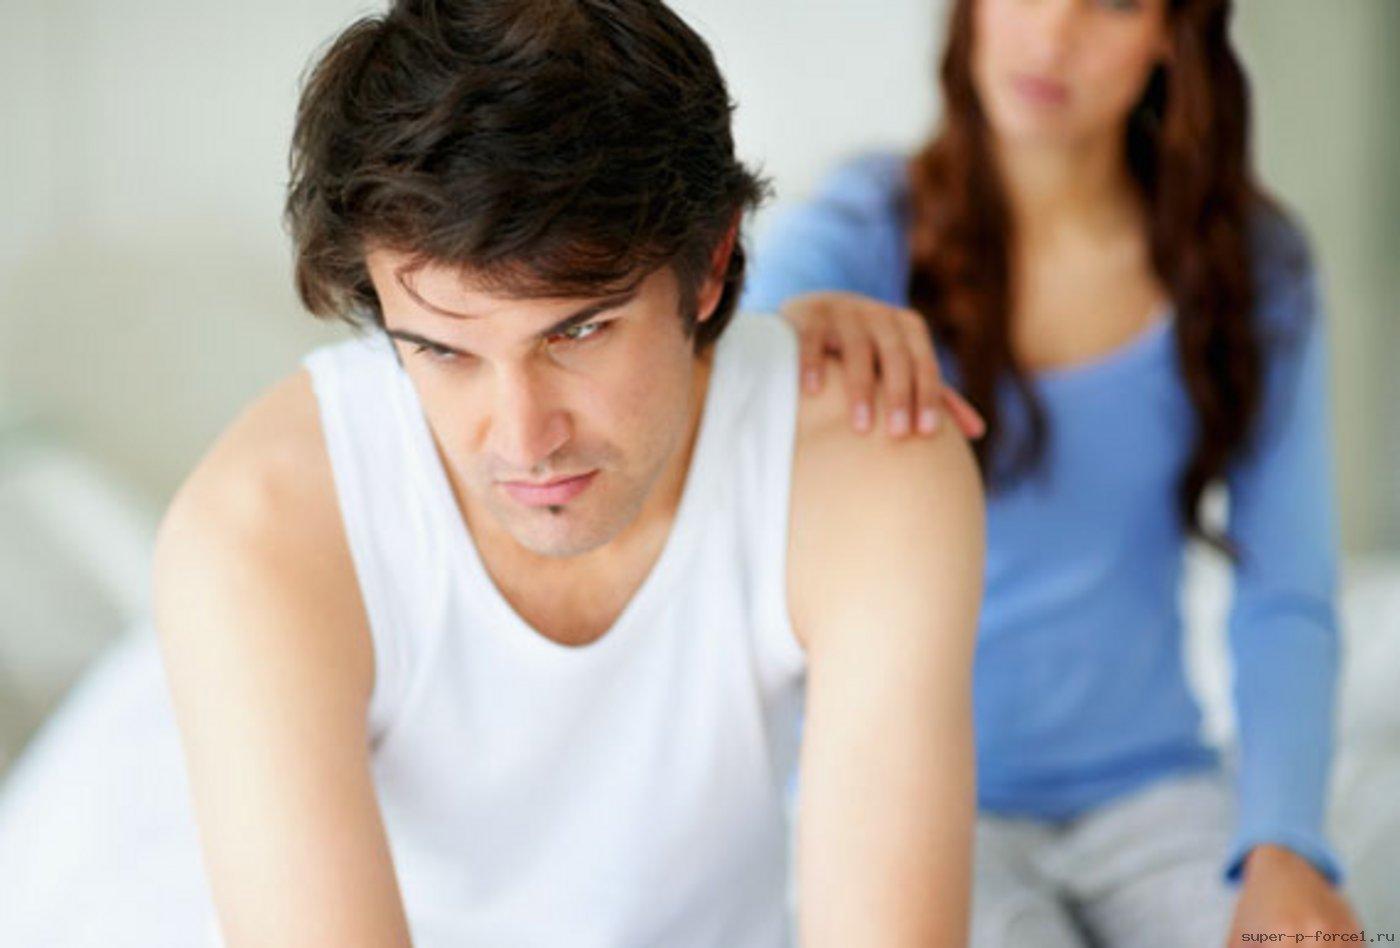 у мужчины преждевременная эякуляция